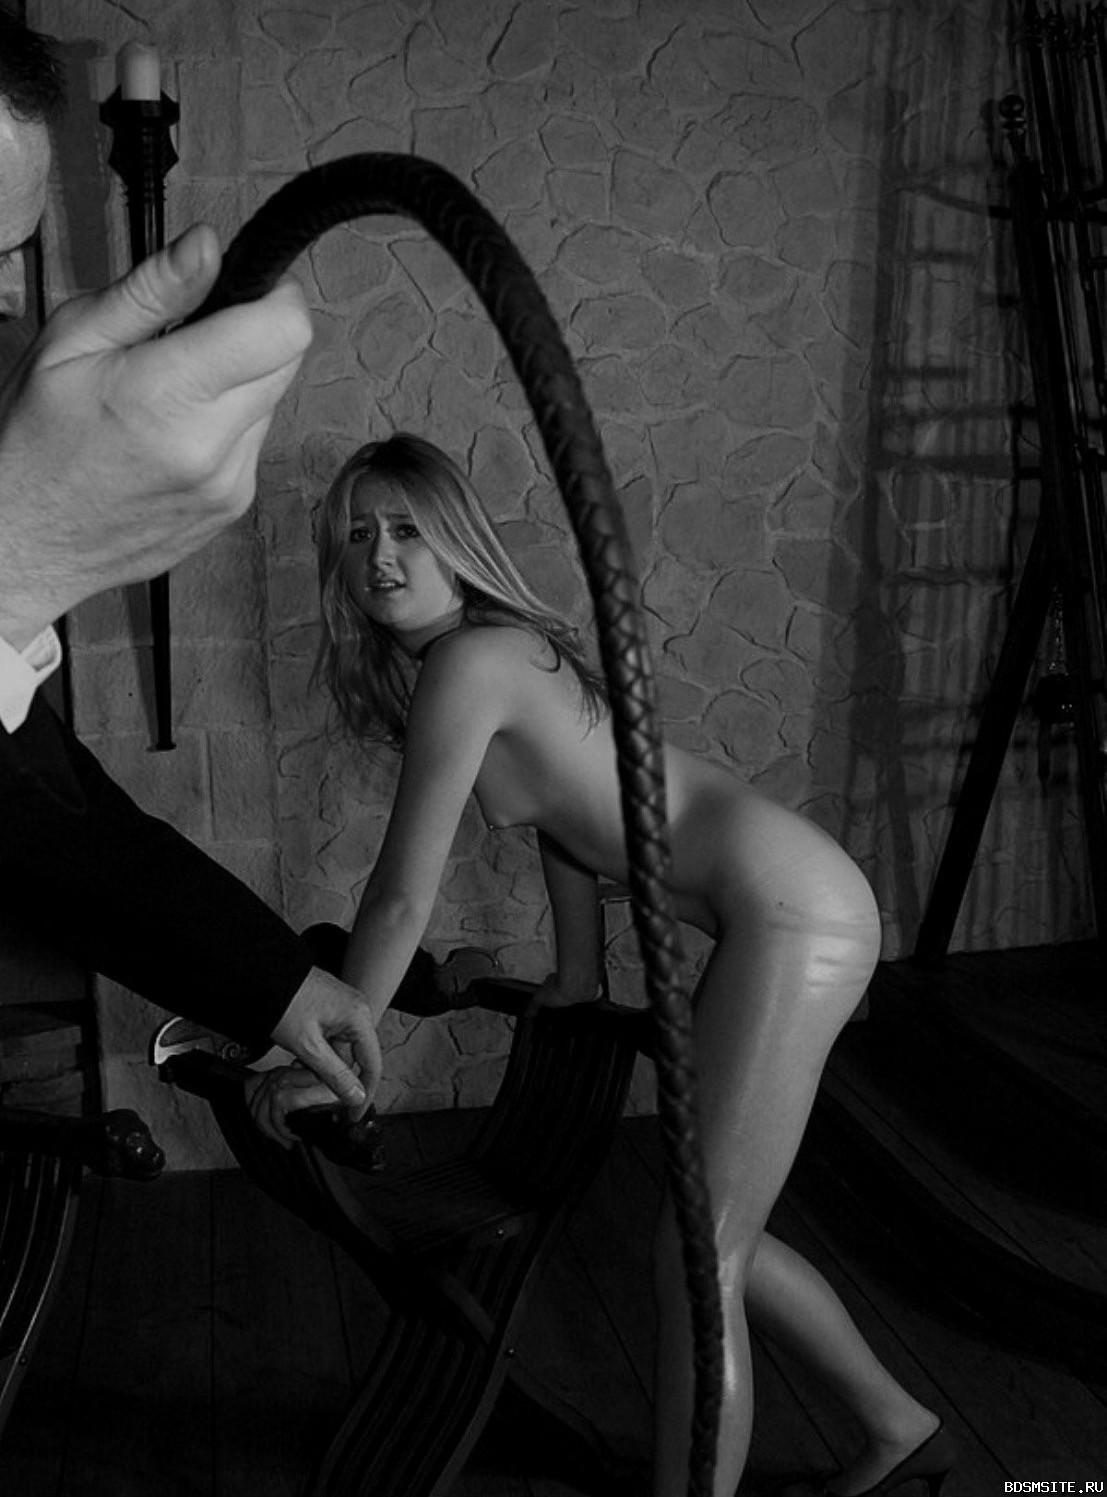 Фильмы эротика наказание, порно онлайн женщина на троих